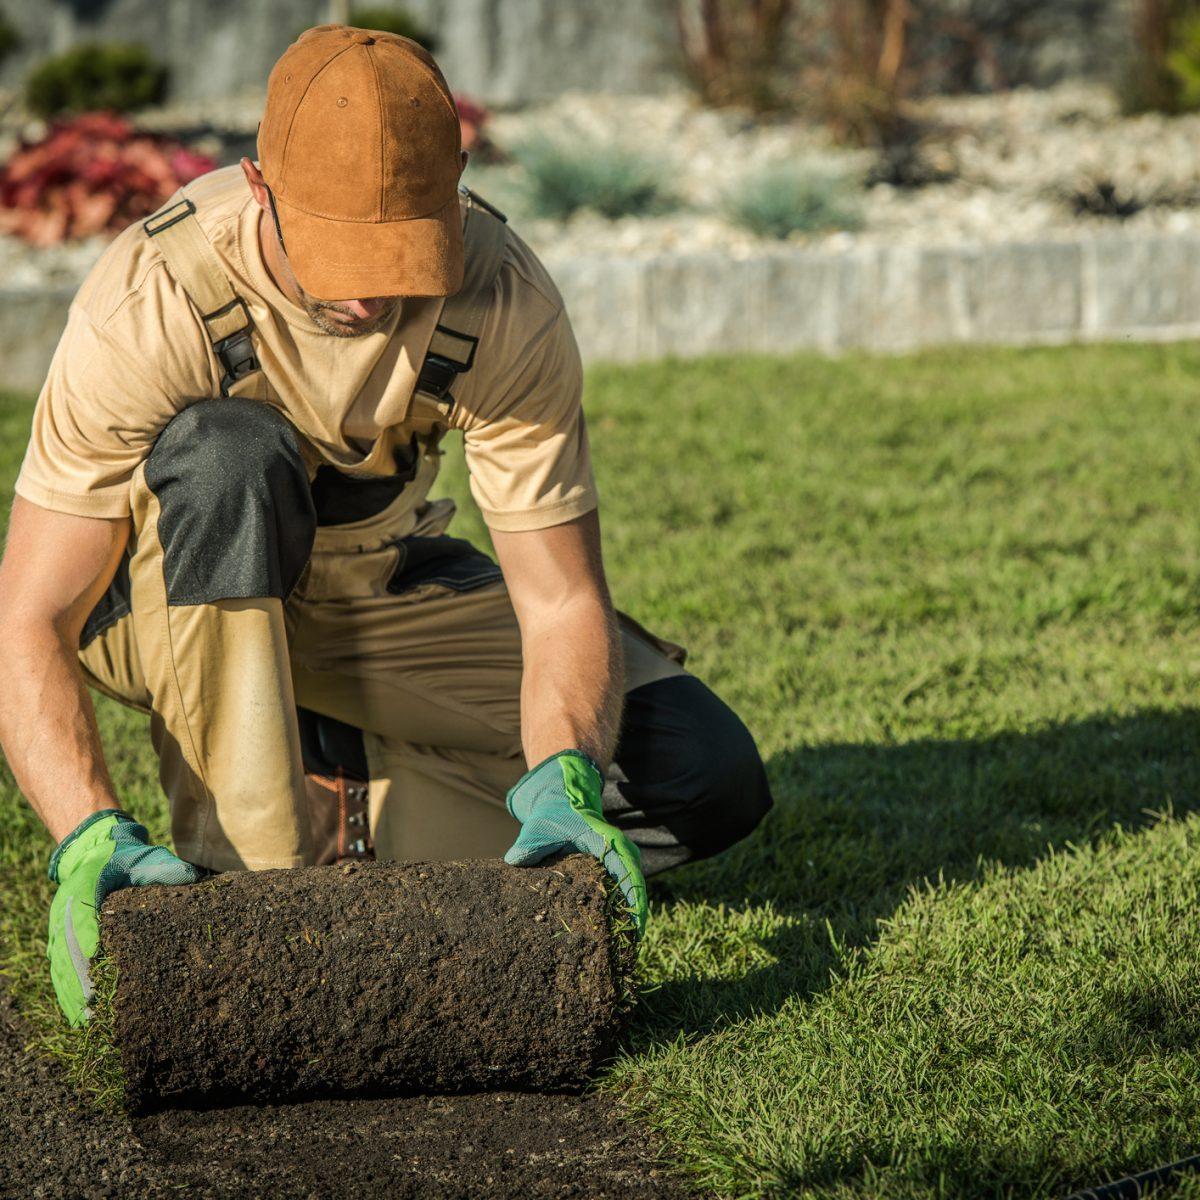 Garden Lawn Technician Worker Installing New Natural Grass From Roll.